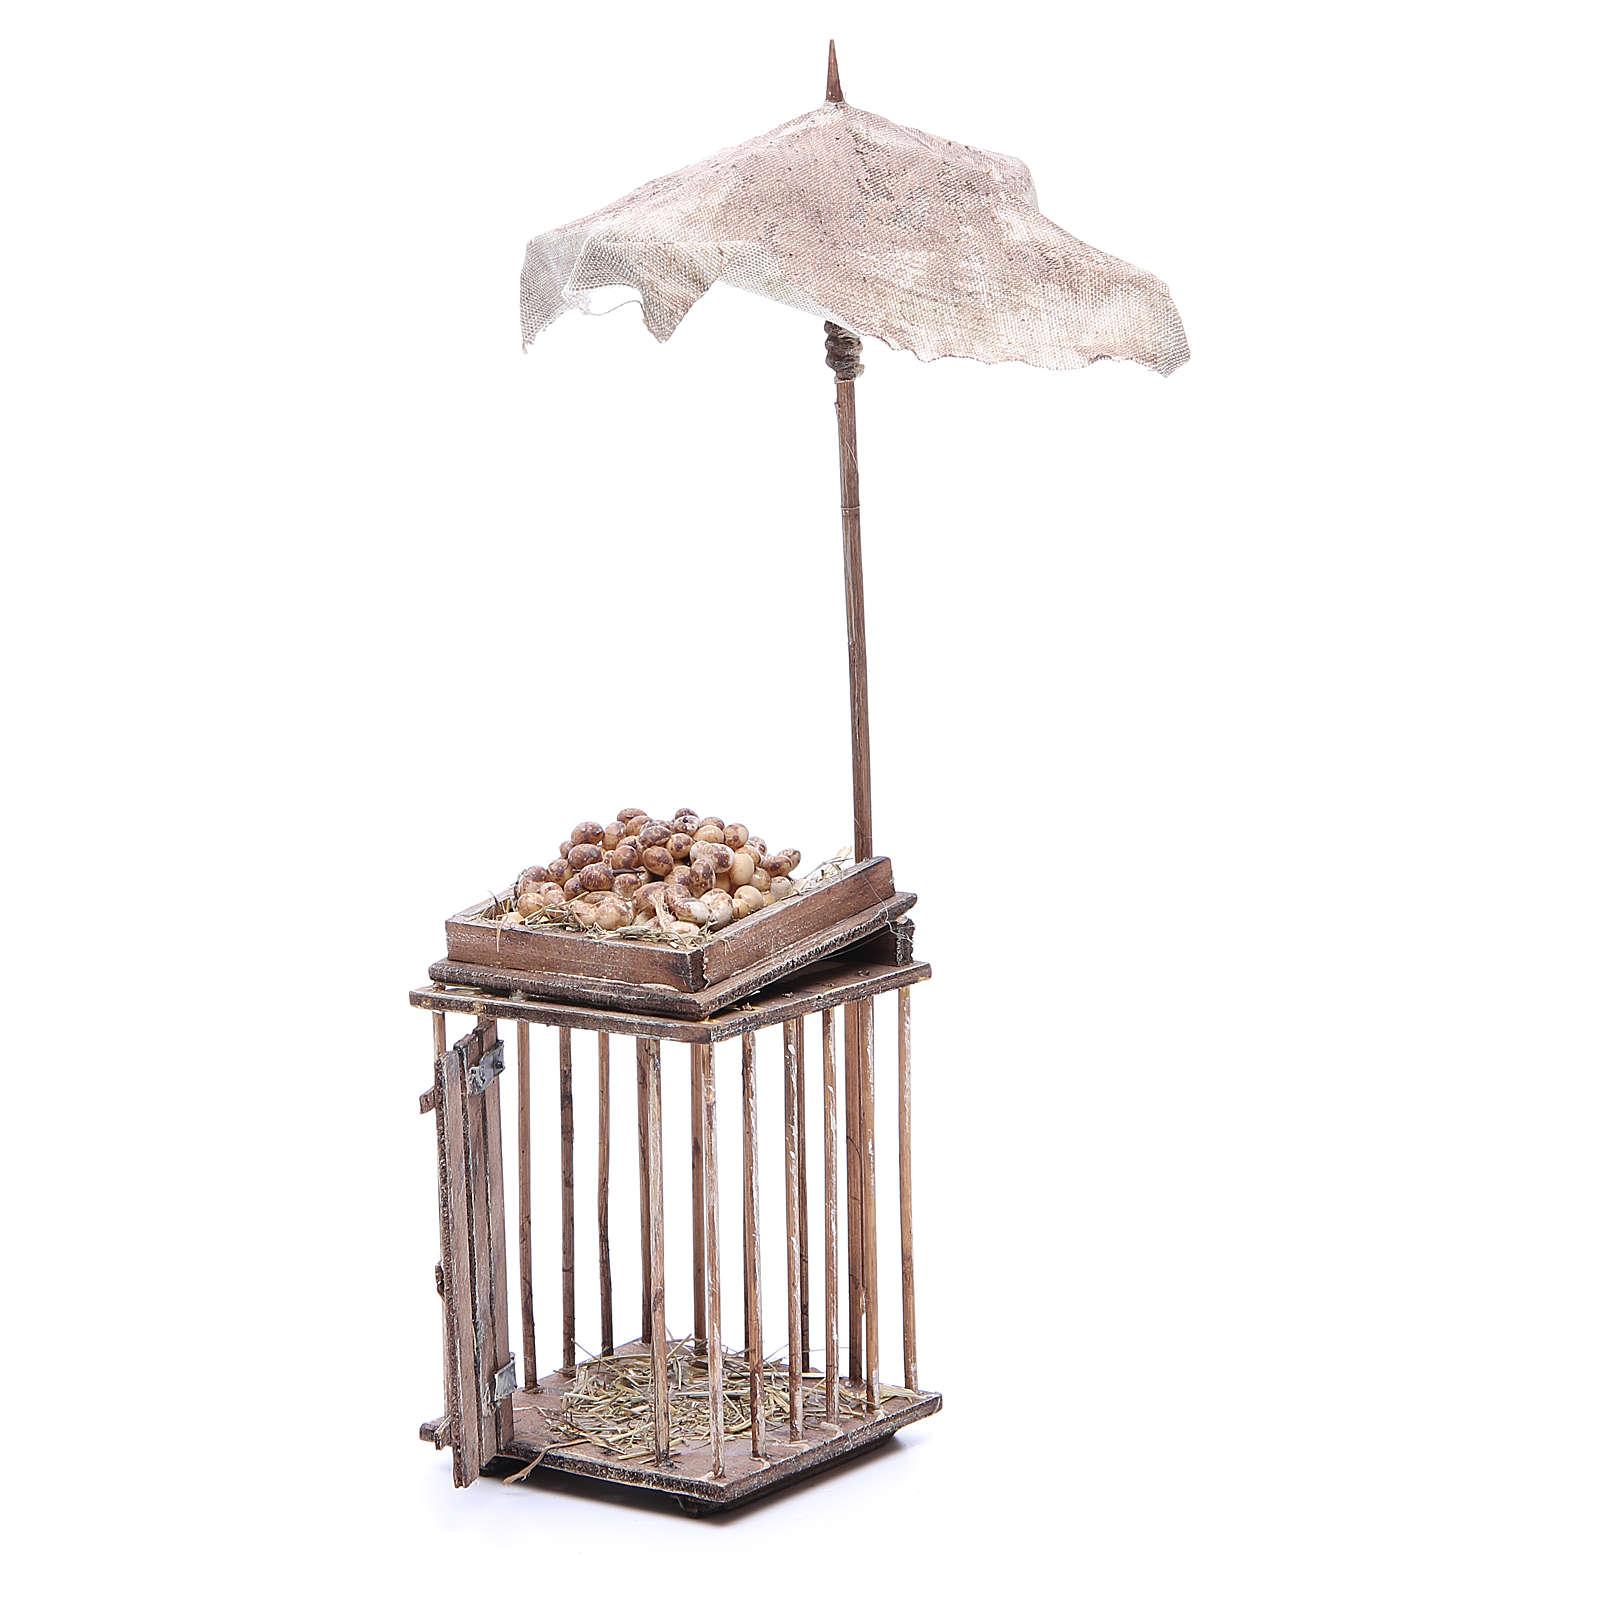 Banco con huevos con paragua 24 cm belén Napolitano 4